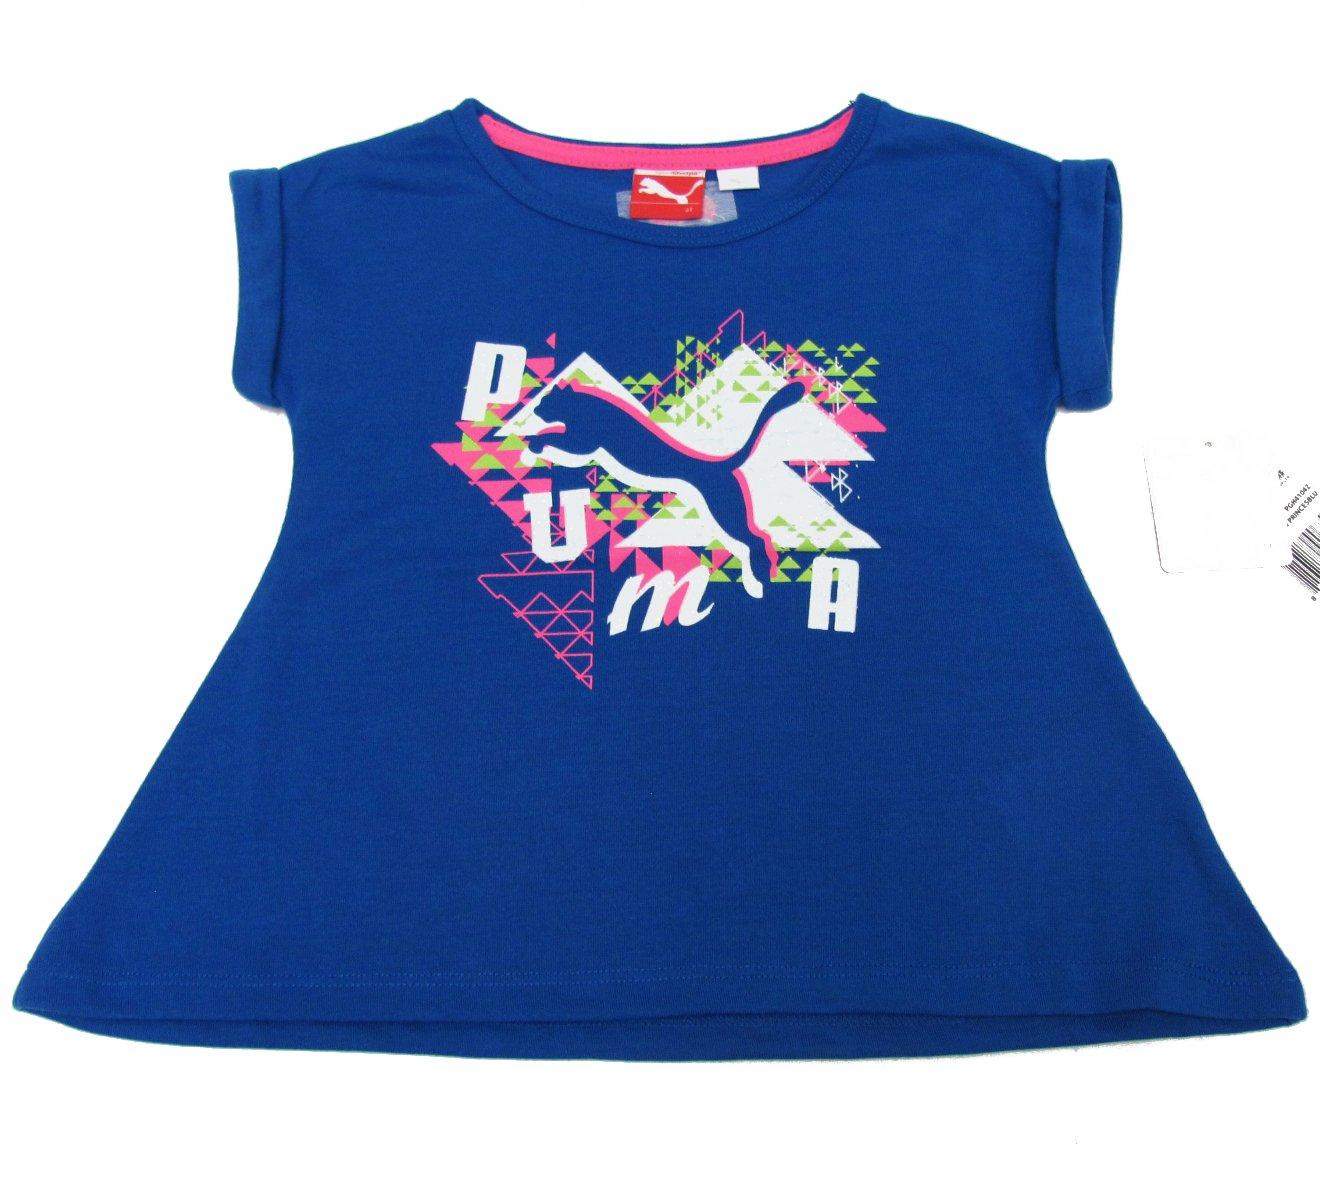 Puma Girls 2T Blue T-shirt with Glitter Logo Short Sleeve Tee Shirt New